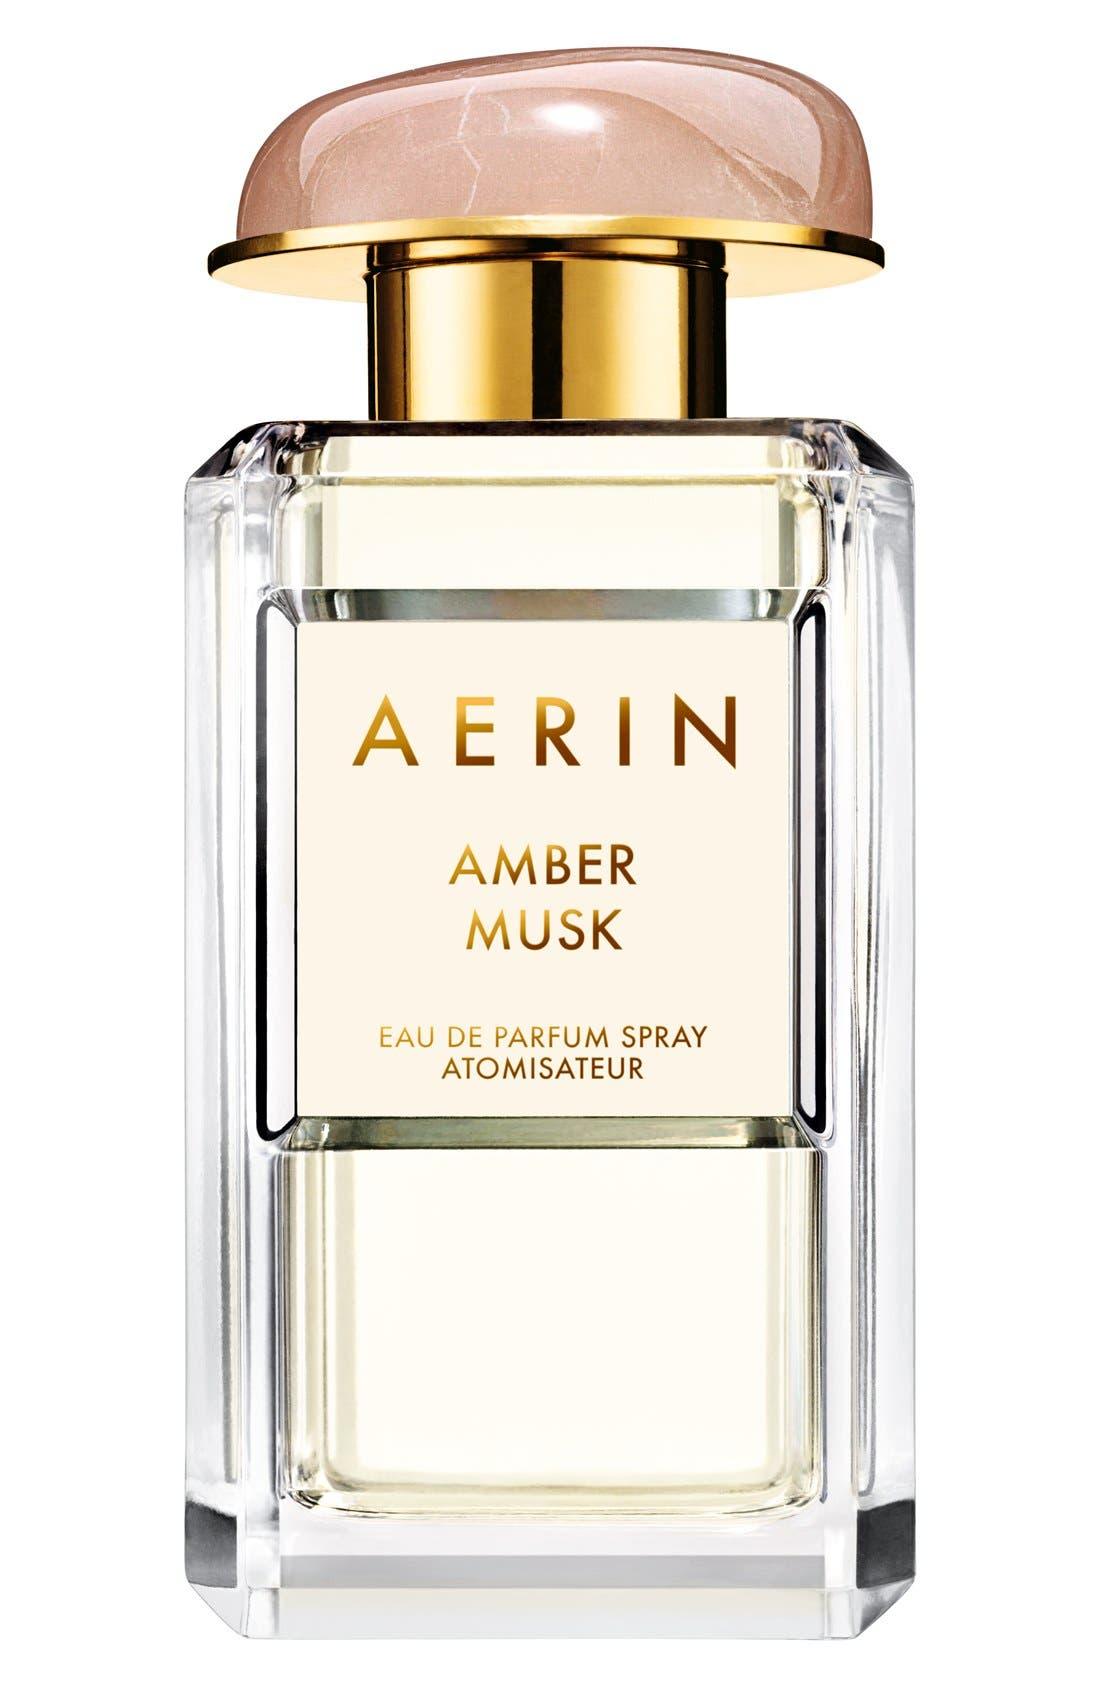 AERIN Beauty Amber Musk Eau de Parfum Spray